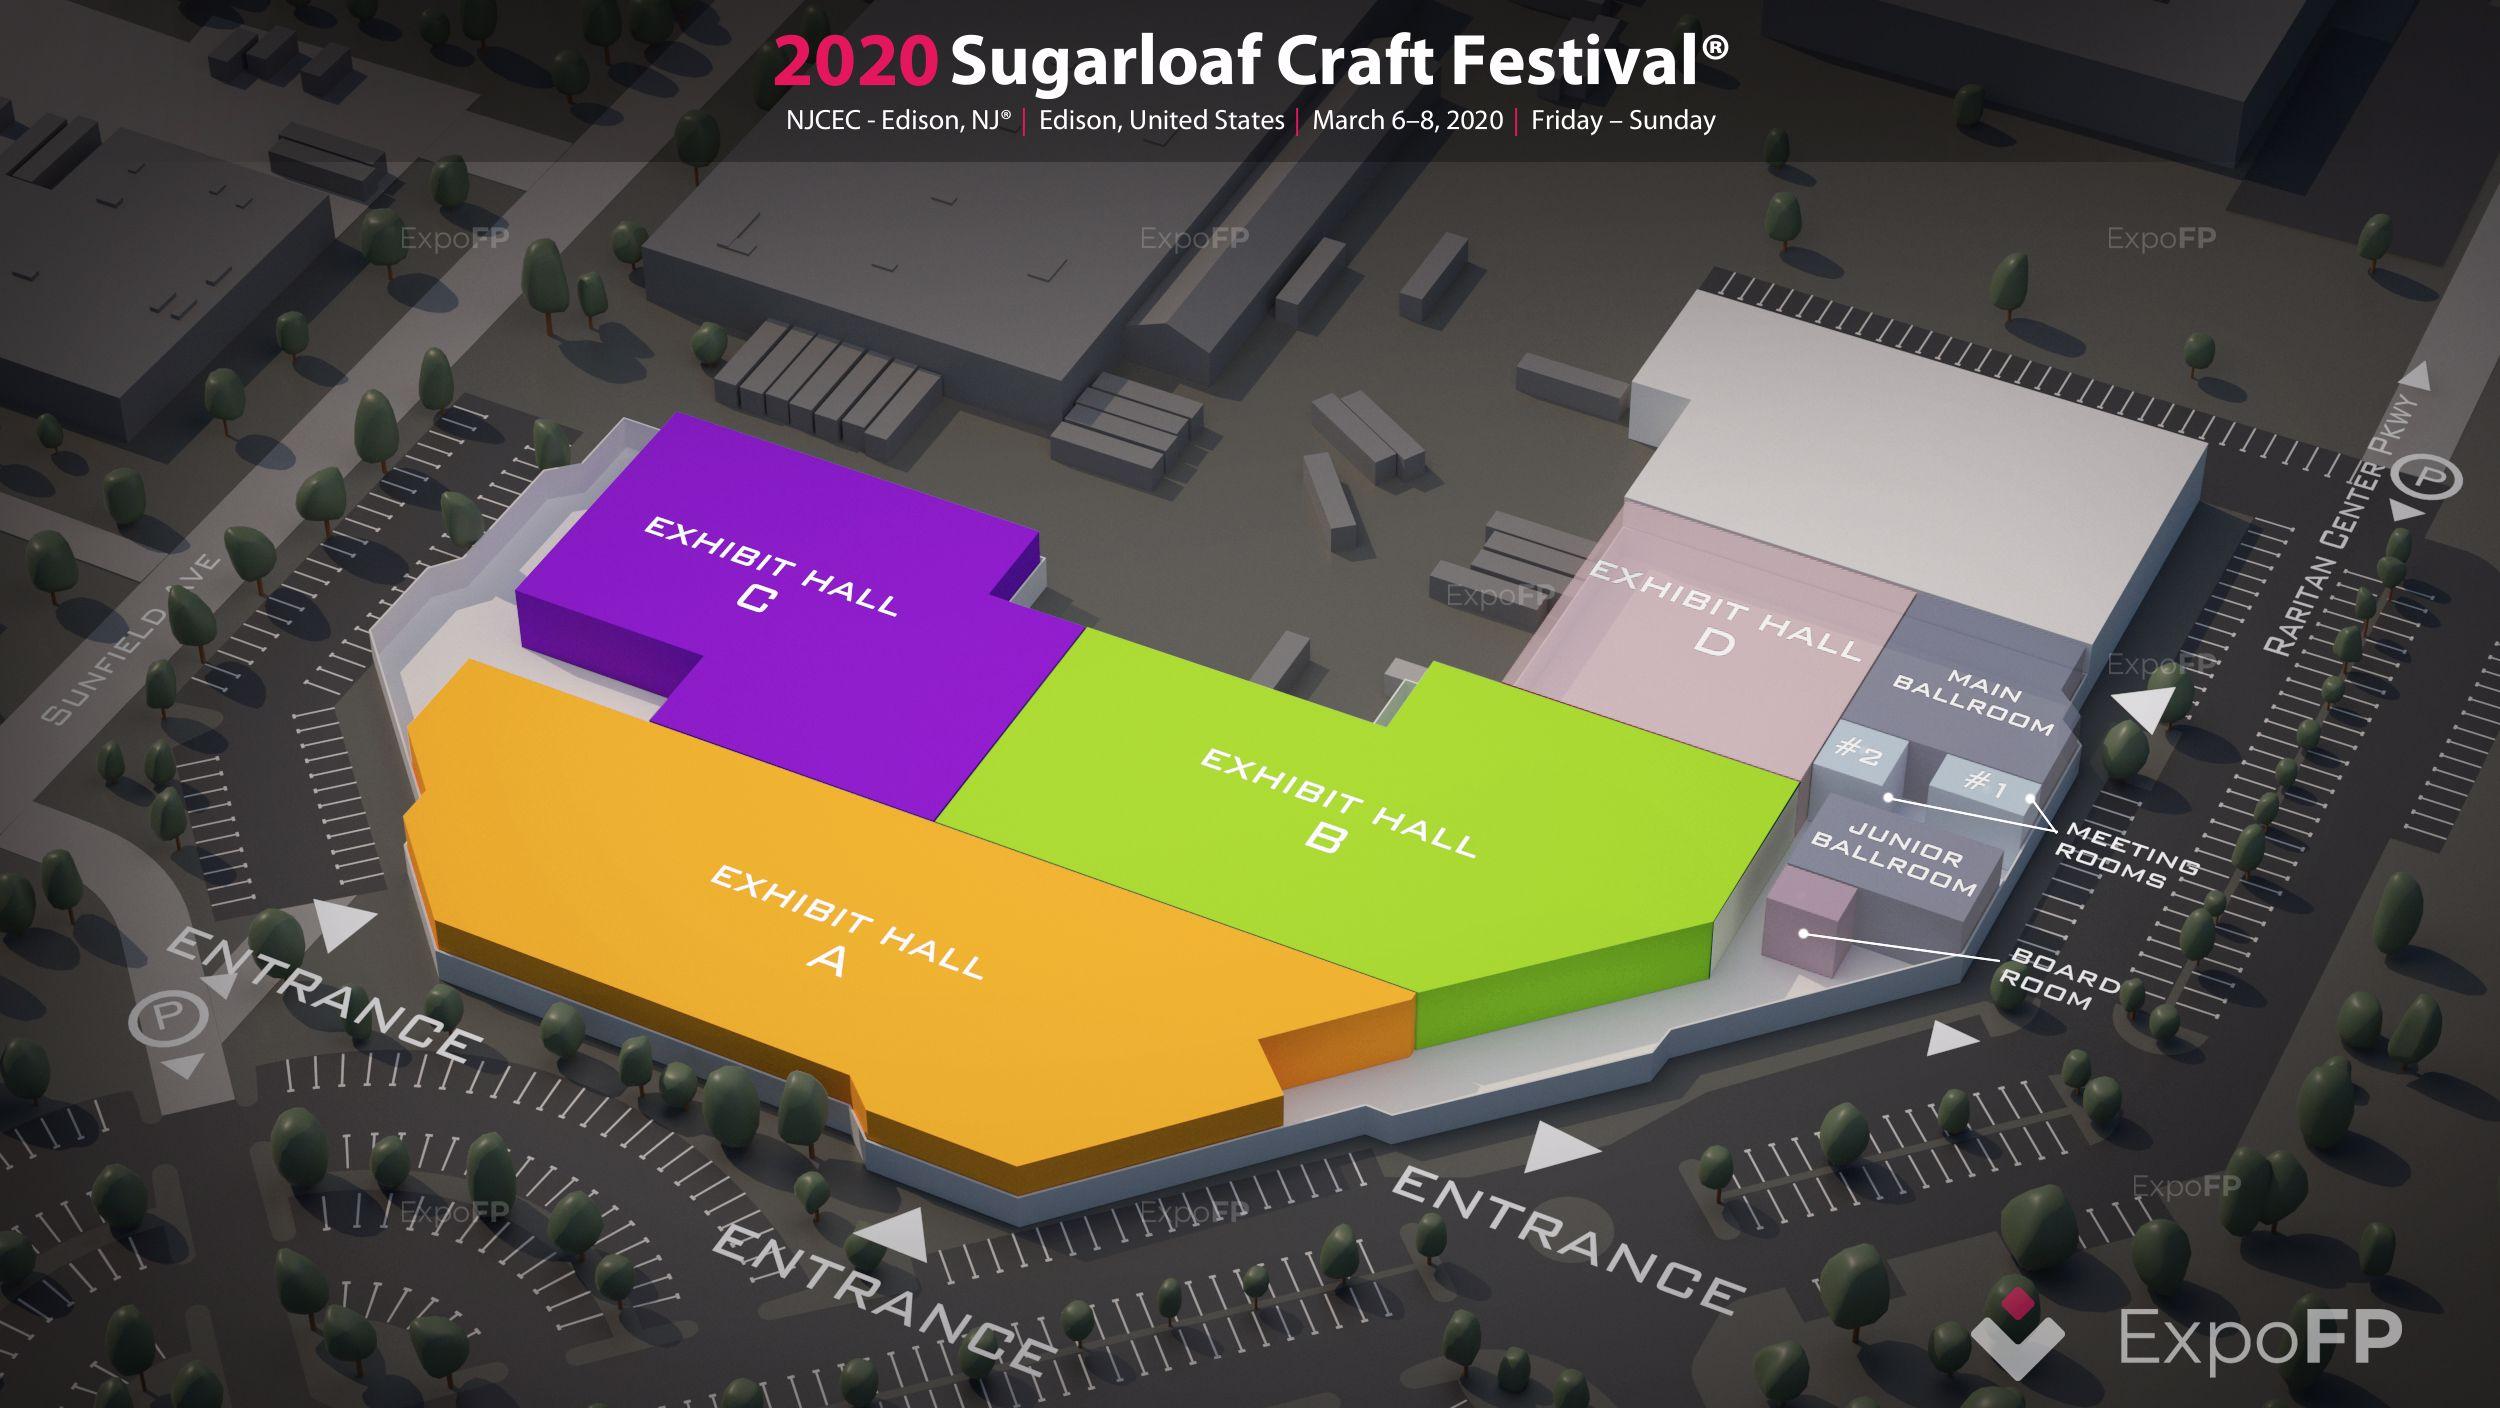 Sugarloaf Craft Festival 2020.Sugarloaf Craft Festival 2020 Festival 2020